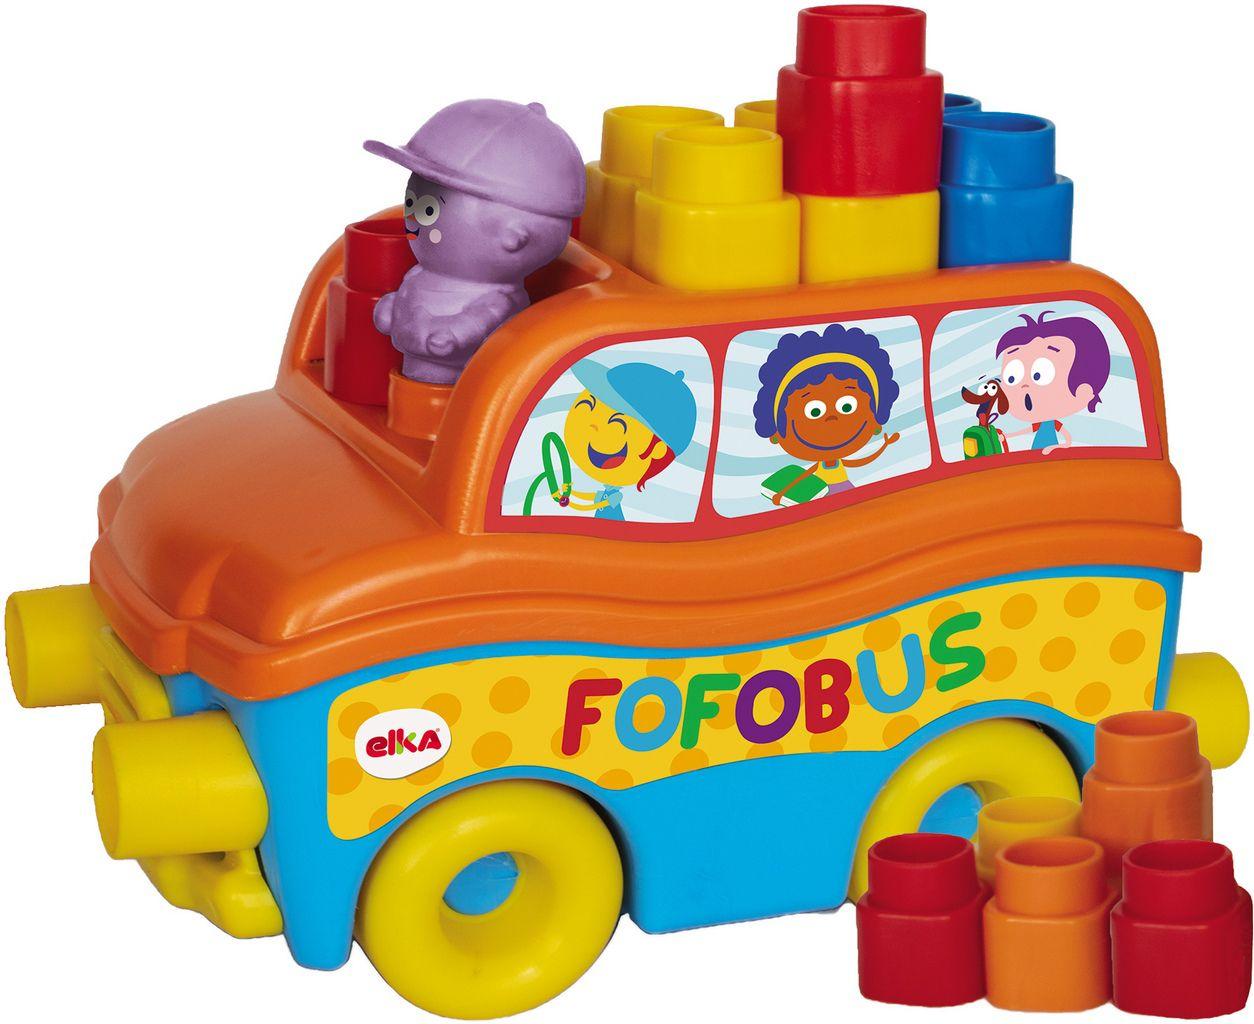 Carrinho Com Blocos De Montar Encaixar Fofo Blocos Fofobus 14 Peças Macio Bebês +1 Ano Brinquedo Infantil Menino Menina Elka